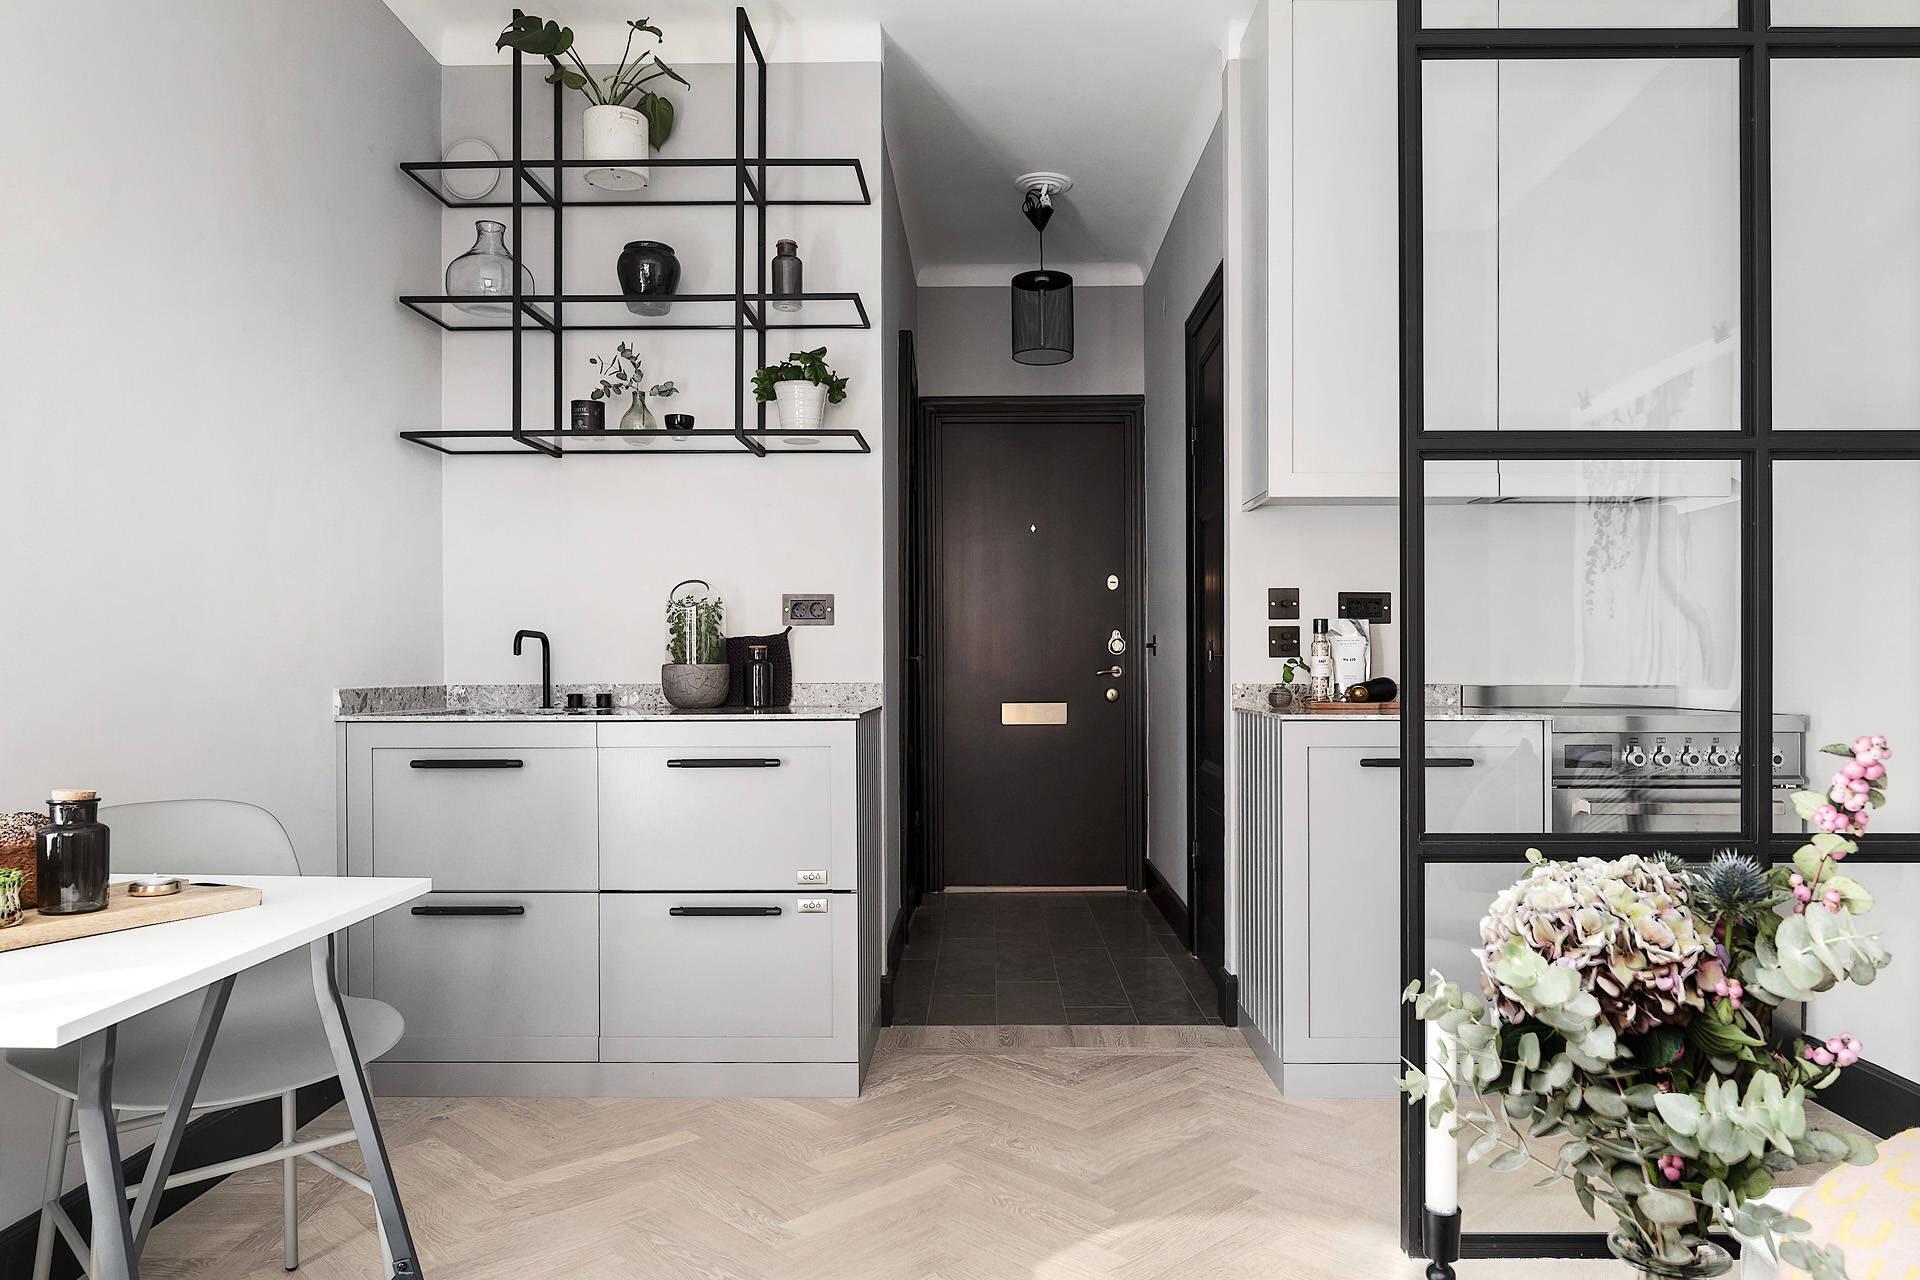 квартира студия кухонная мебель серые фасады полки перегородка коридор входная дверь